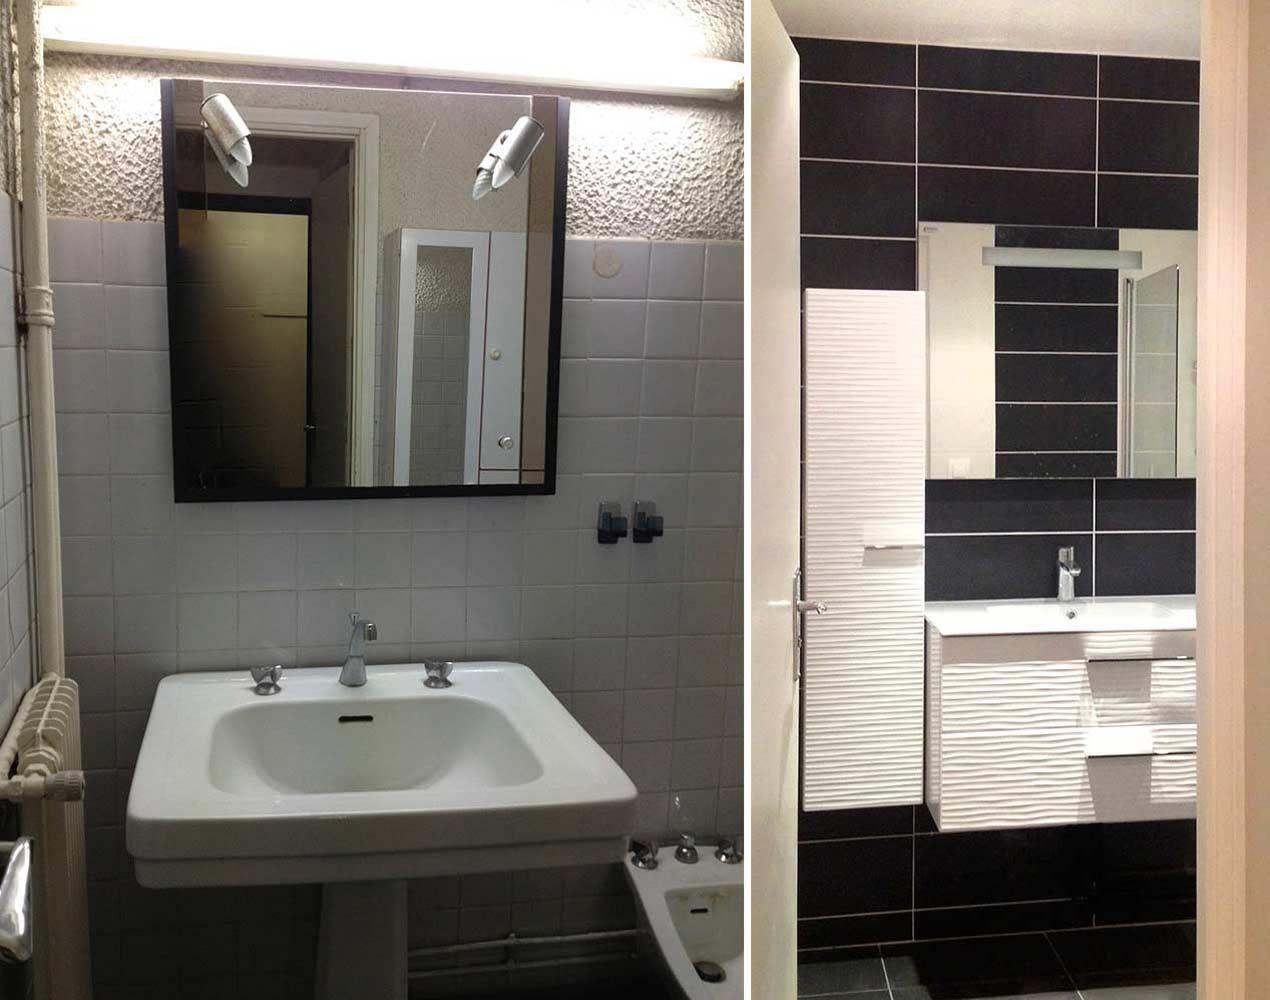 Salle De Bain Renovation Avant Apres ~ exemples avant apr s r novation int rieure lgelc paris